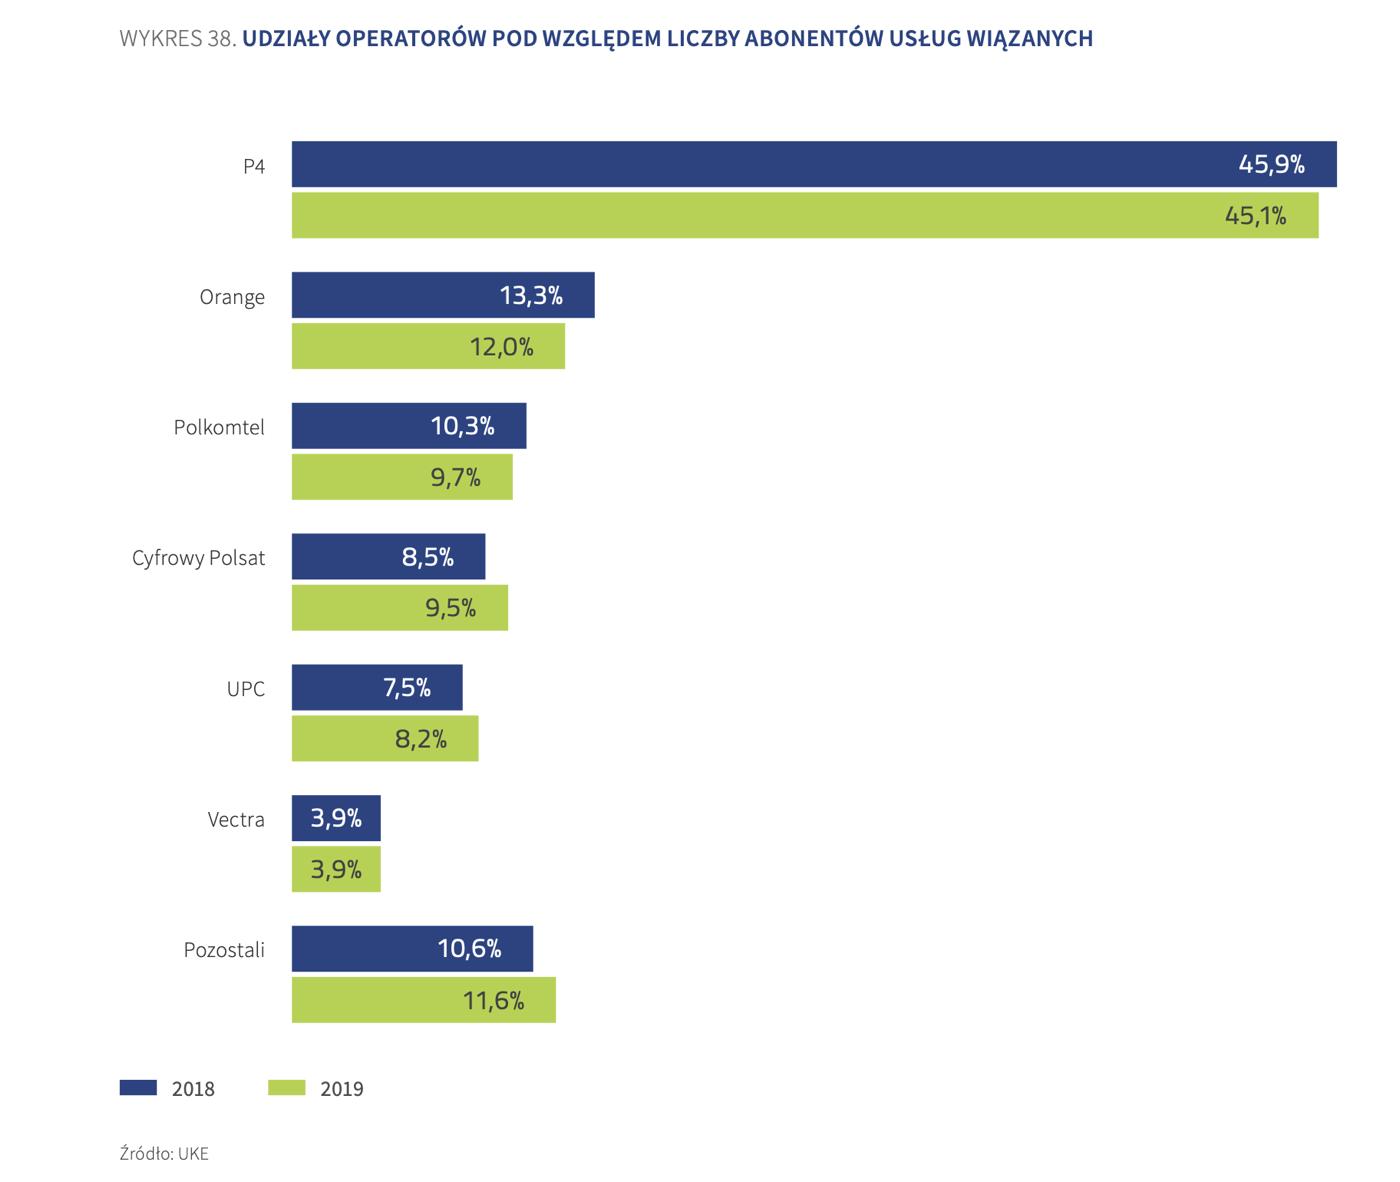 Udział operatorów na rynku usług wiązanych (Polska, 2019 r.)